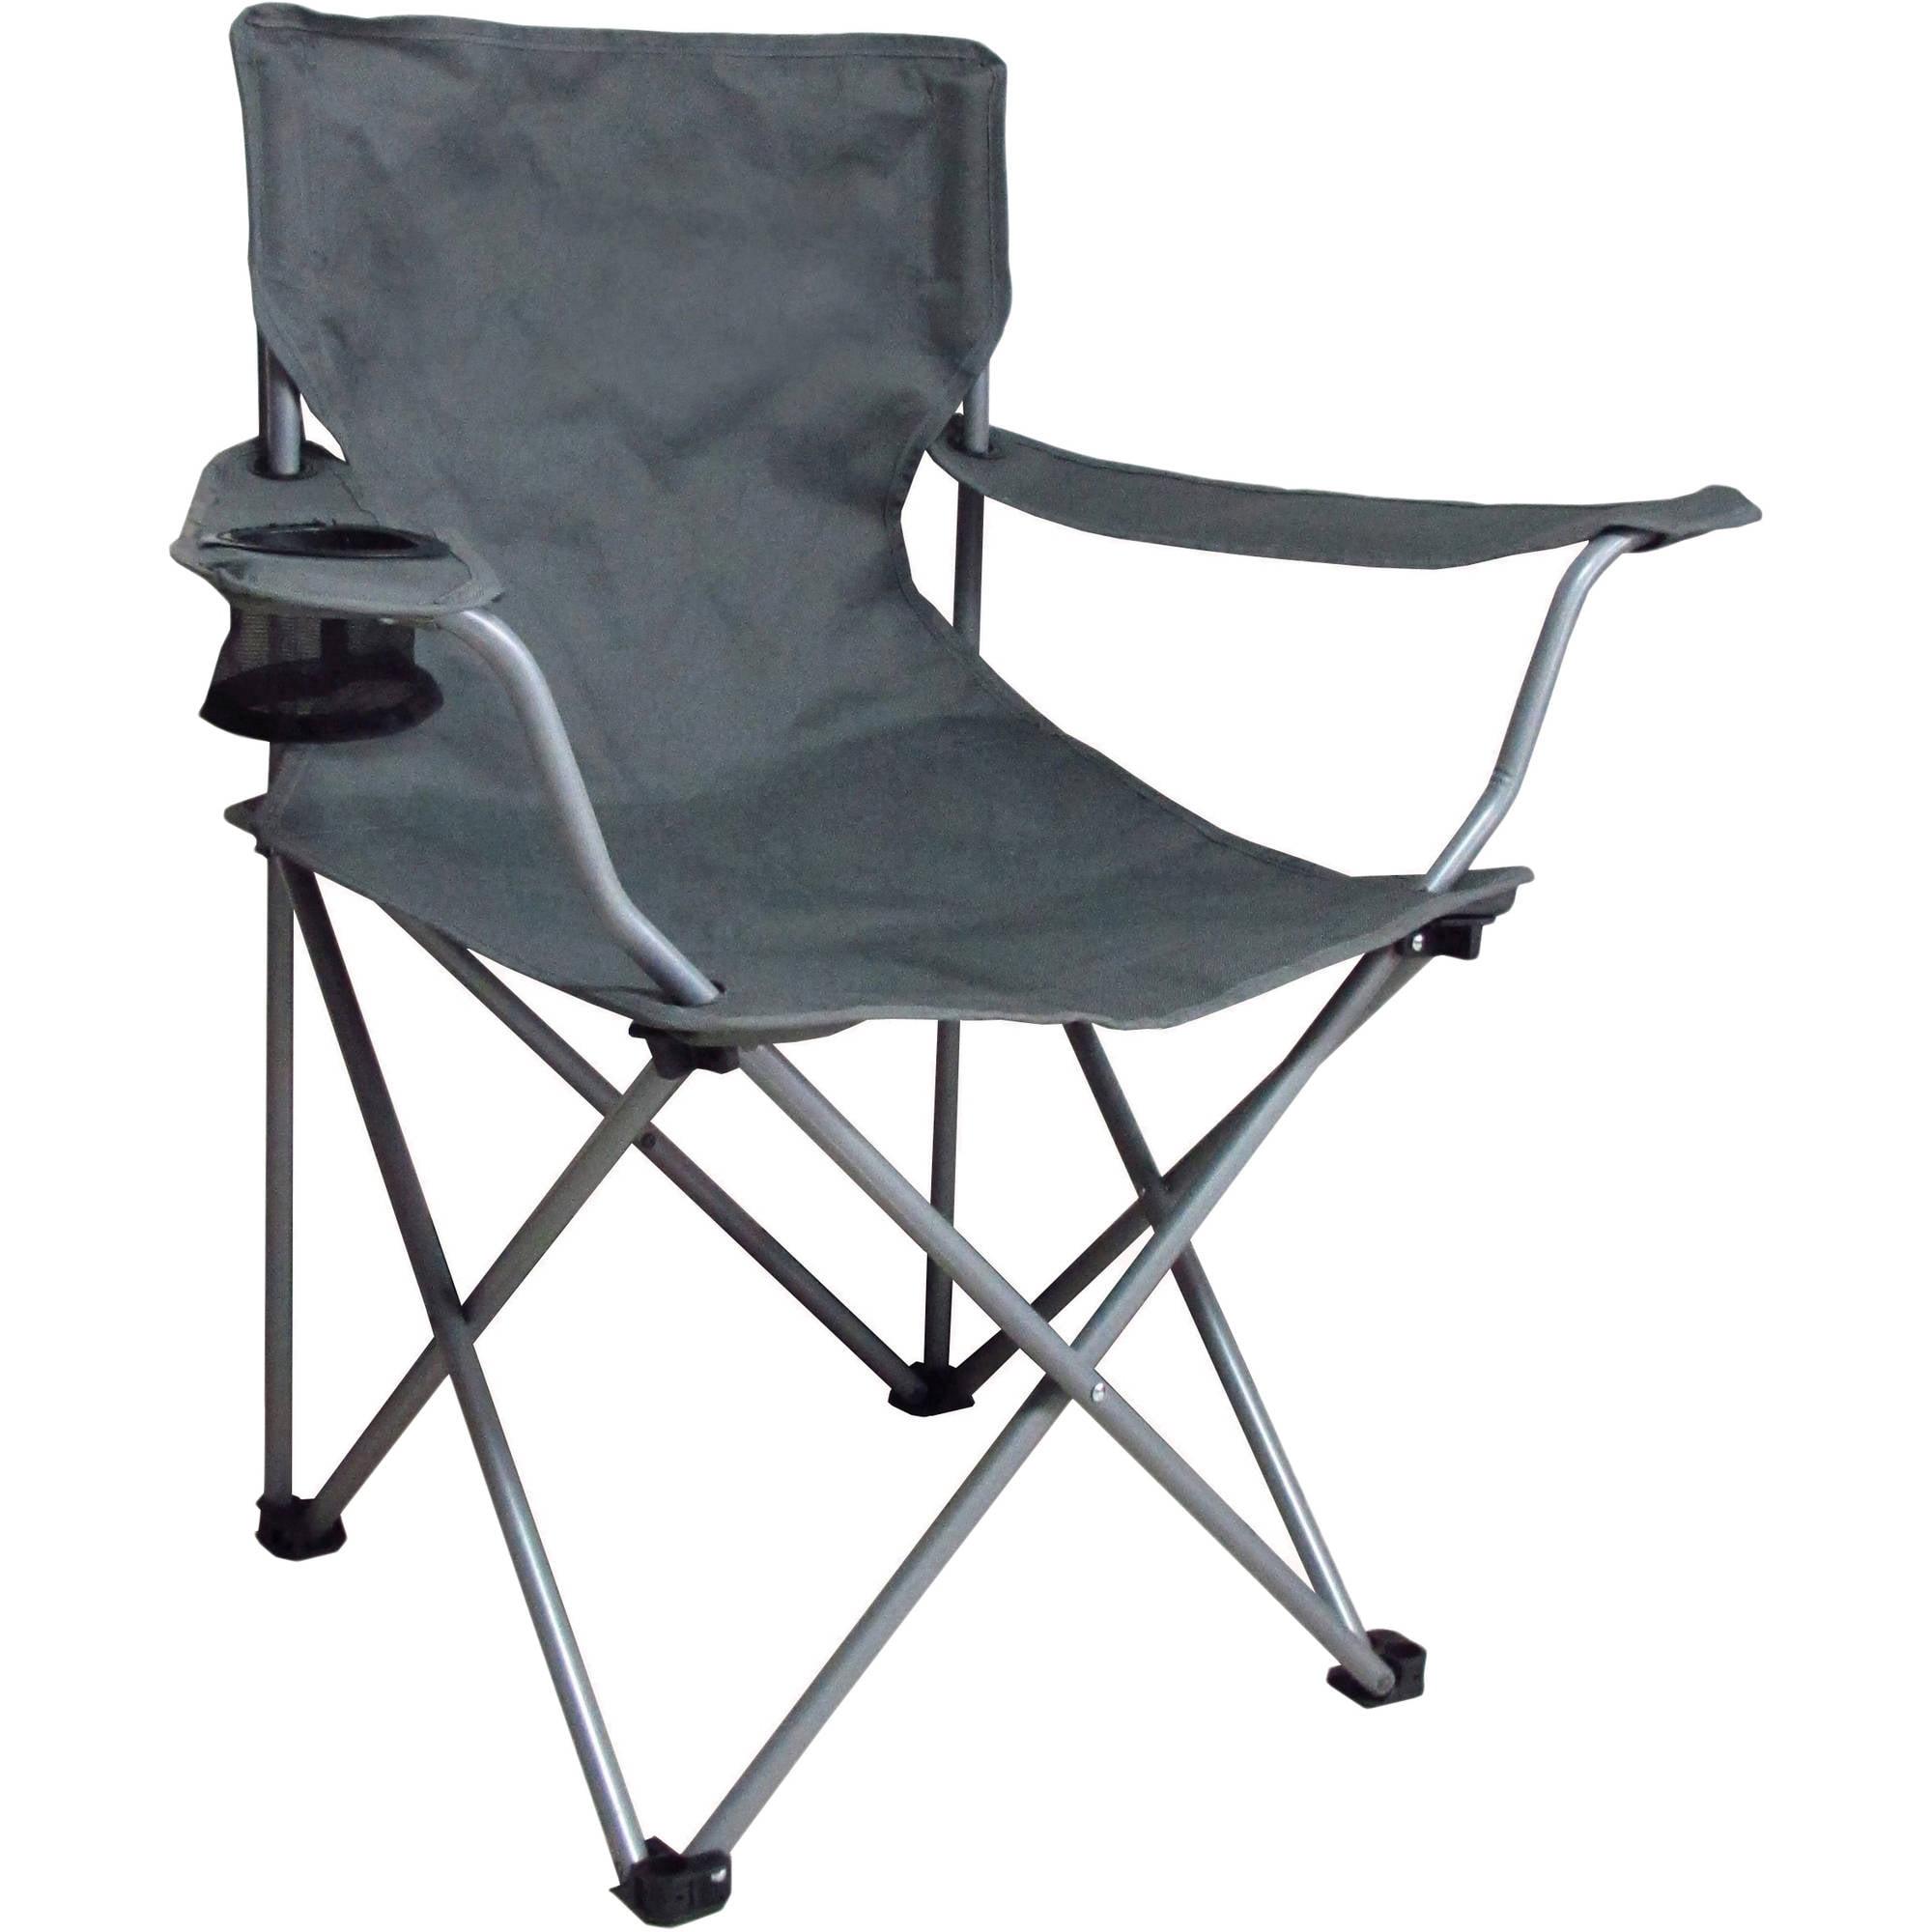 Your Choice Ozark Trail Folding Chair